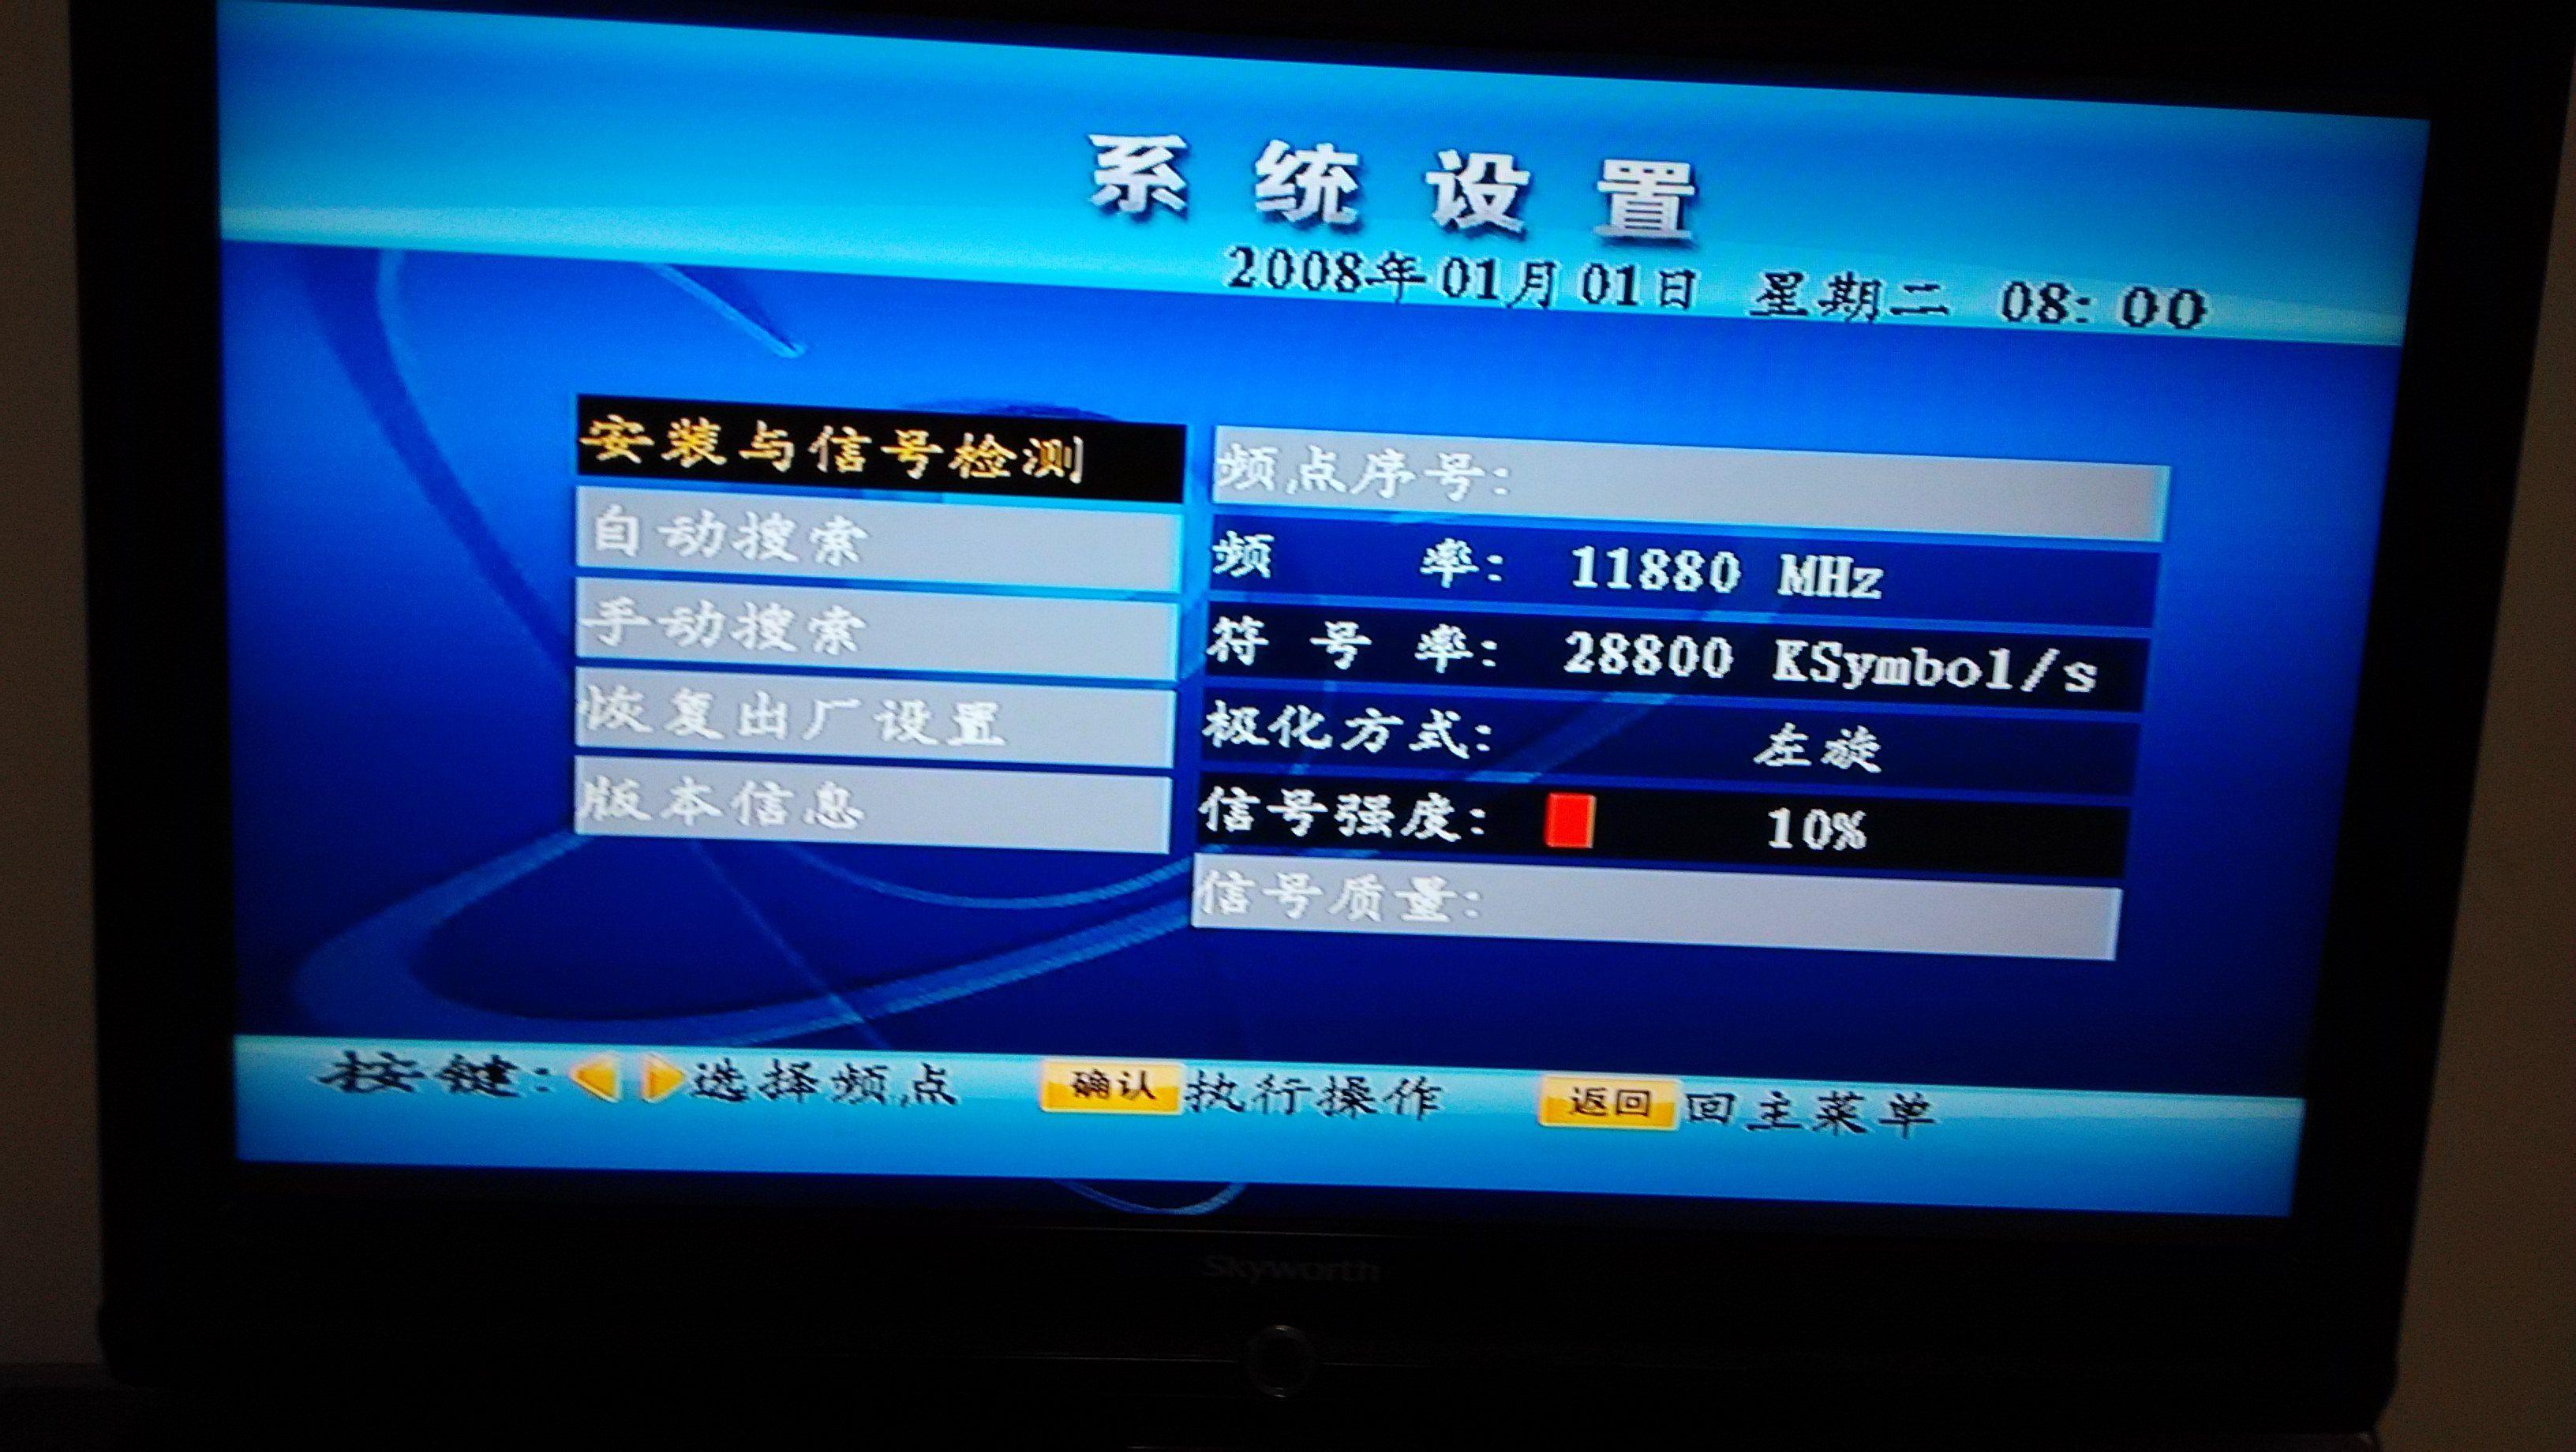 电视卫星信号_好消息电视卫星信号接收器在金泉网上市啦